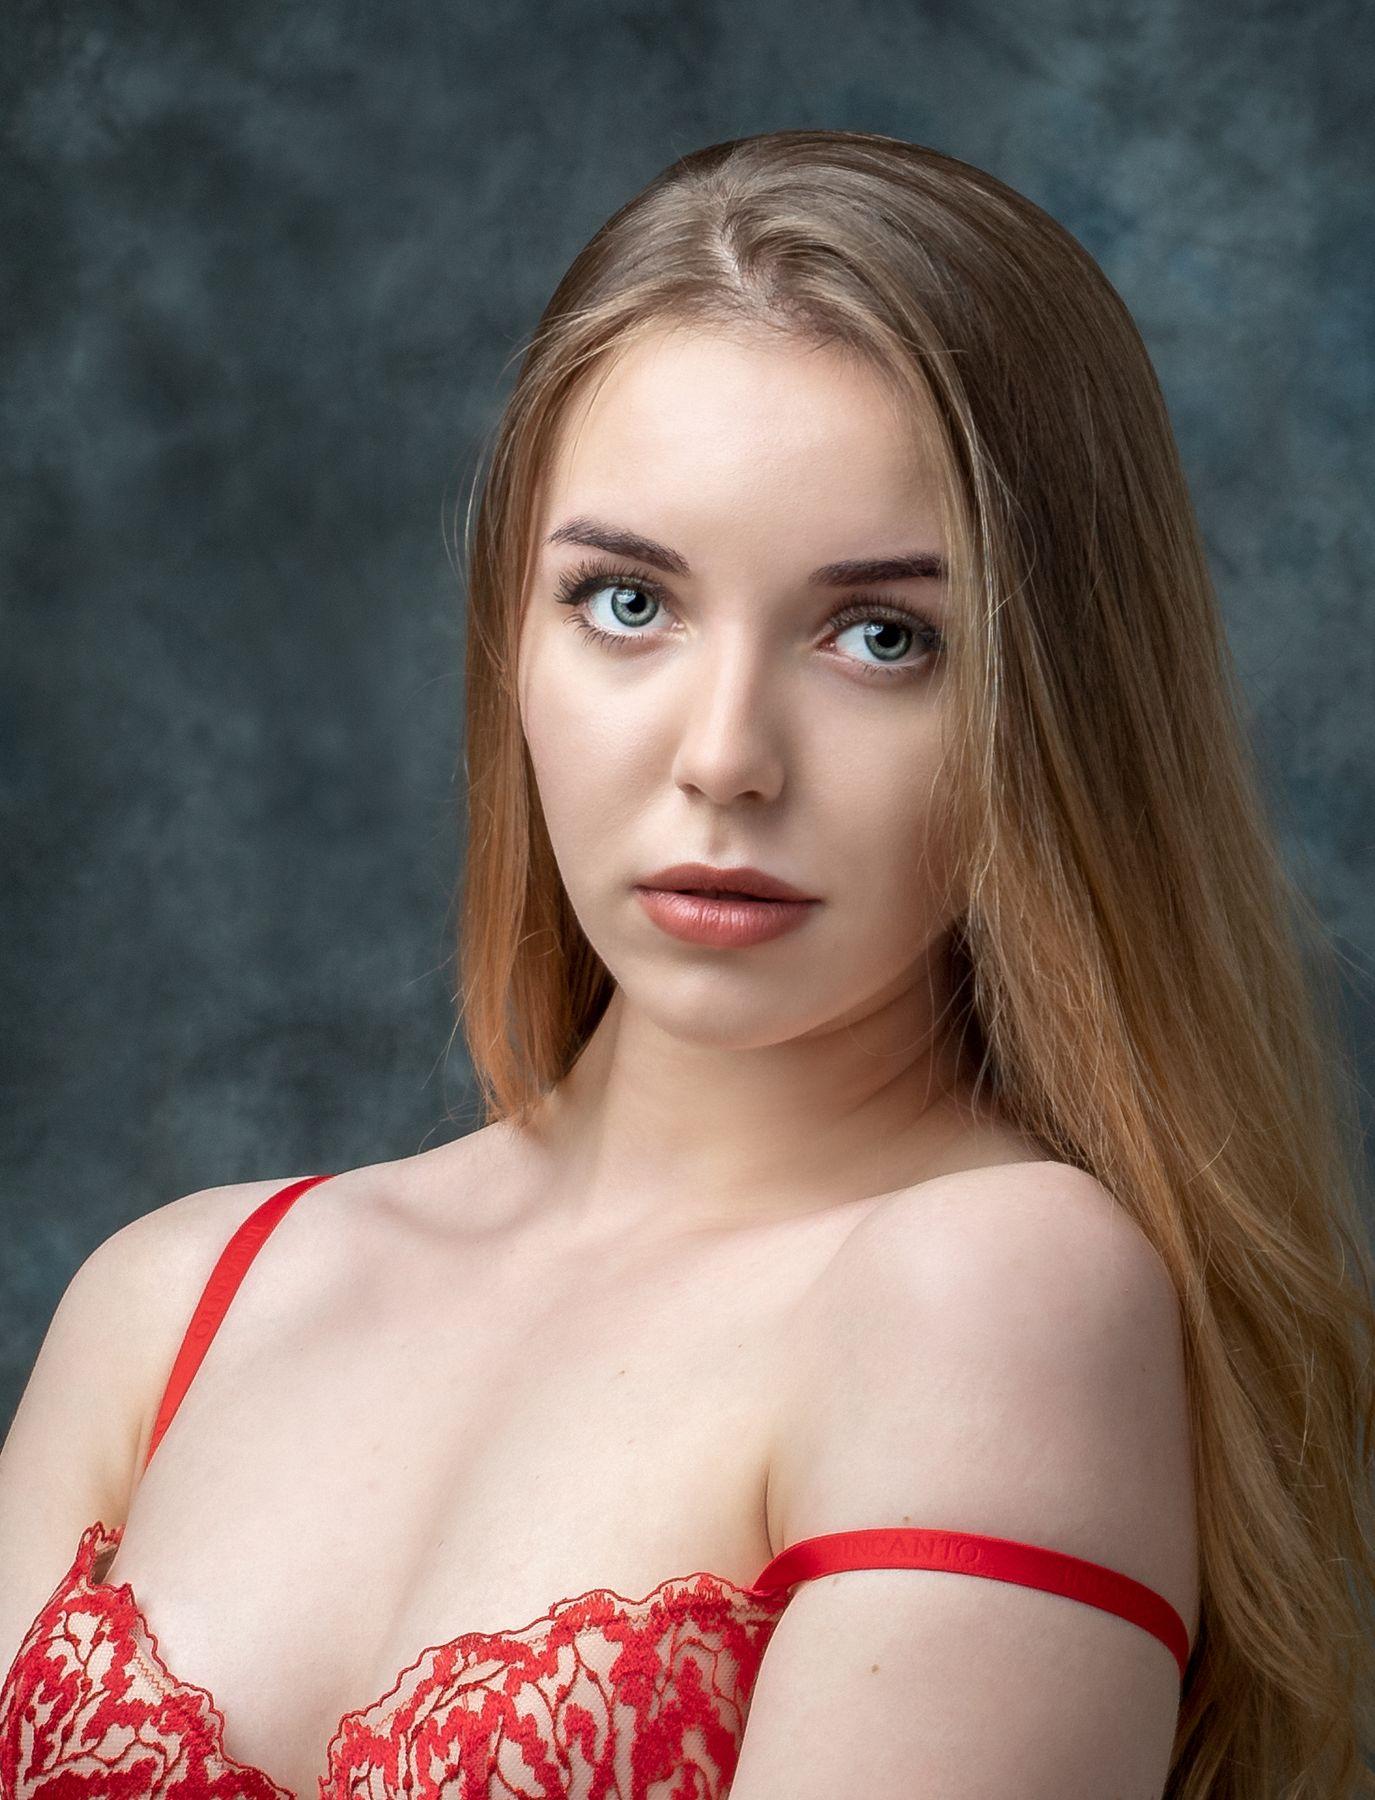 Маргарита Студийный портрет Арт красивая девушка женский фотосессия